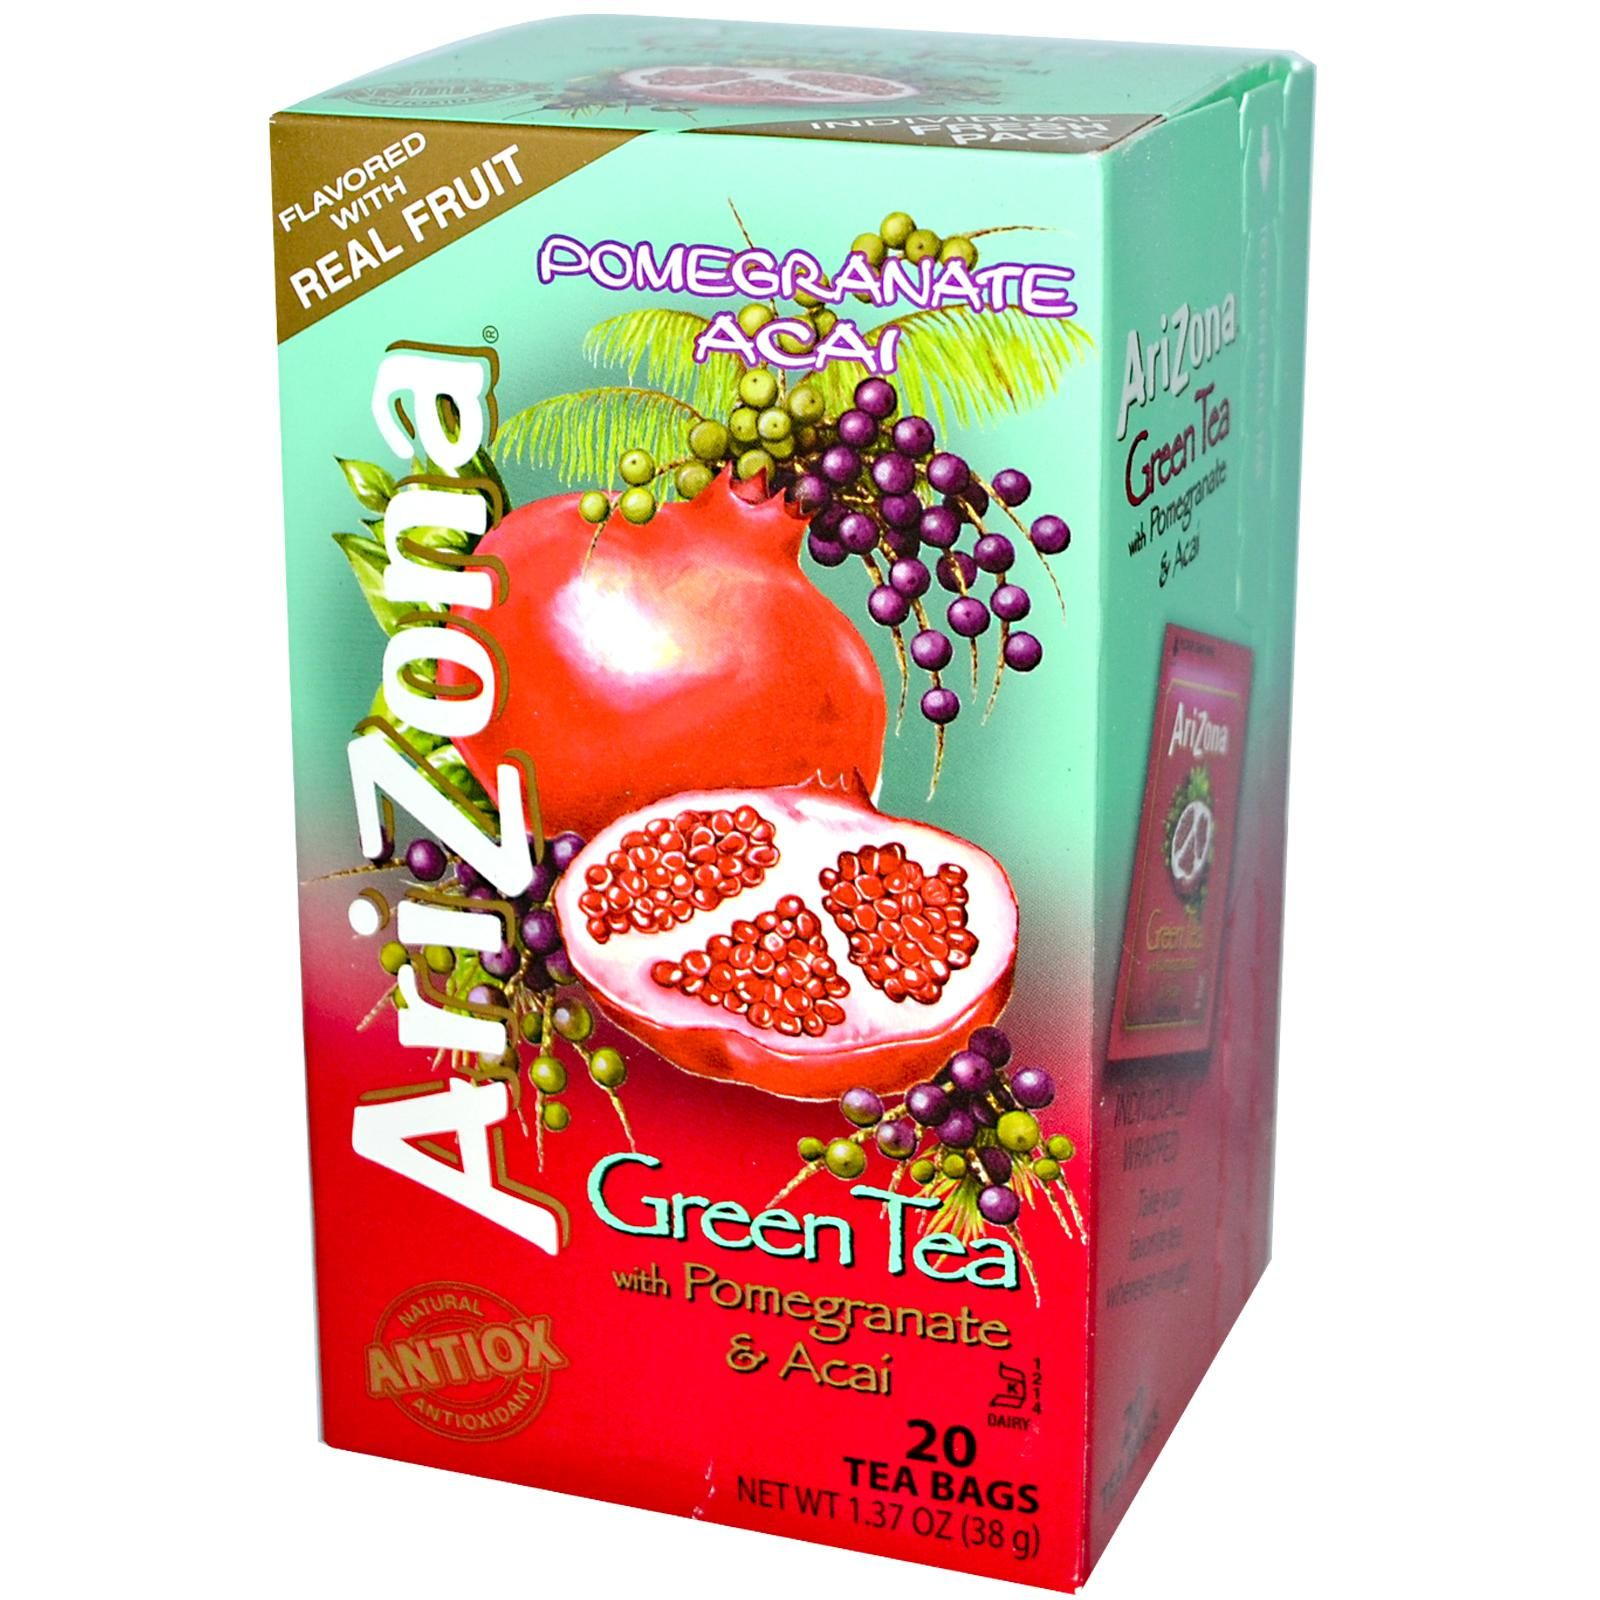 AriZona, Green Tea, with Pomegranate & Acai, 20 Tea Bags, 1.37 oz (38 g) - iHerb.com. Bruk gjerne rabattkoden min (CEC956) hvis du vil handle på iHerb for første gang. Da får du $5 i rabatt på din første ordre (eller $10 om du handler for over $40), og jeg blir kjempeglad, siden jeg får poeng som jeg kan handle for på iHerb. :-)